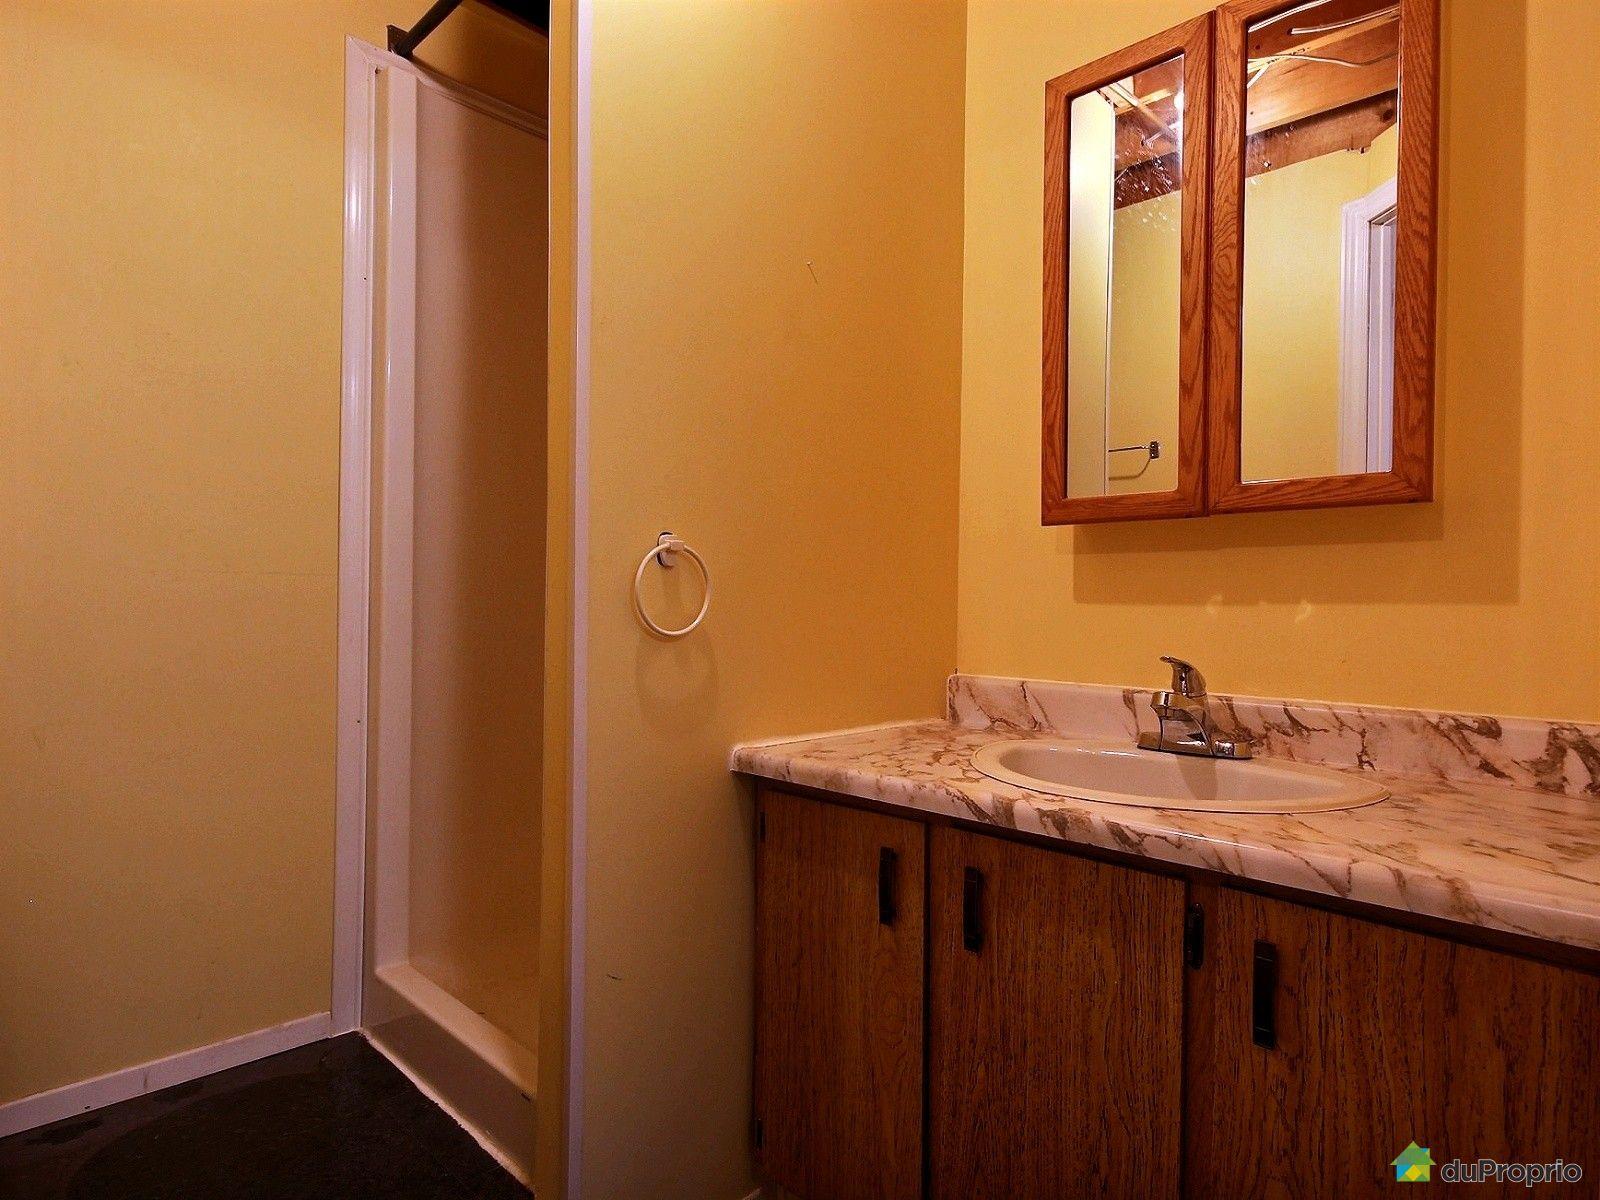 Jumel vendu duberger immobilier qu bec duproprio 540841 for Salle de bain sous sol sans fenetre